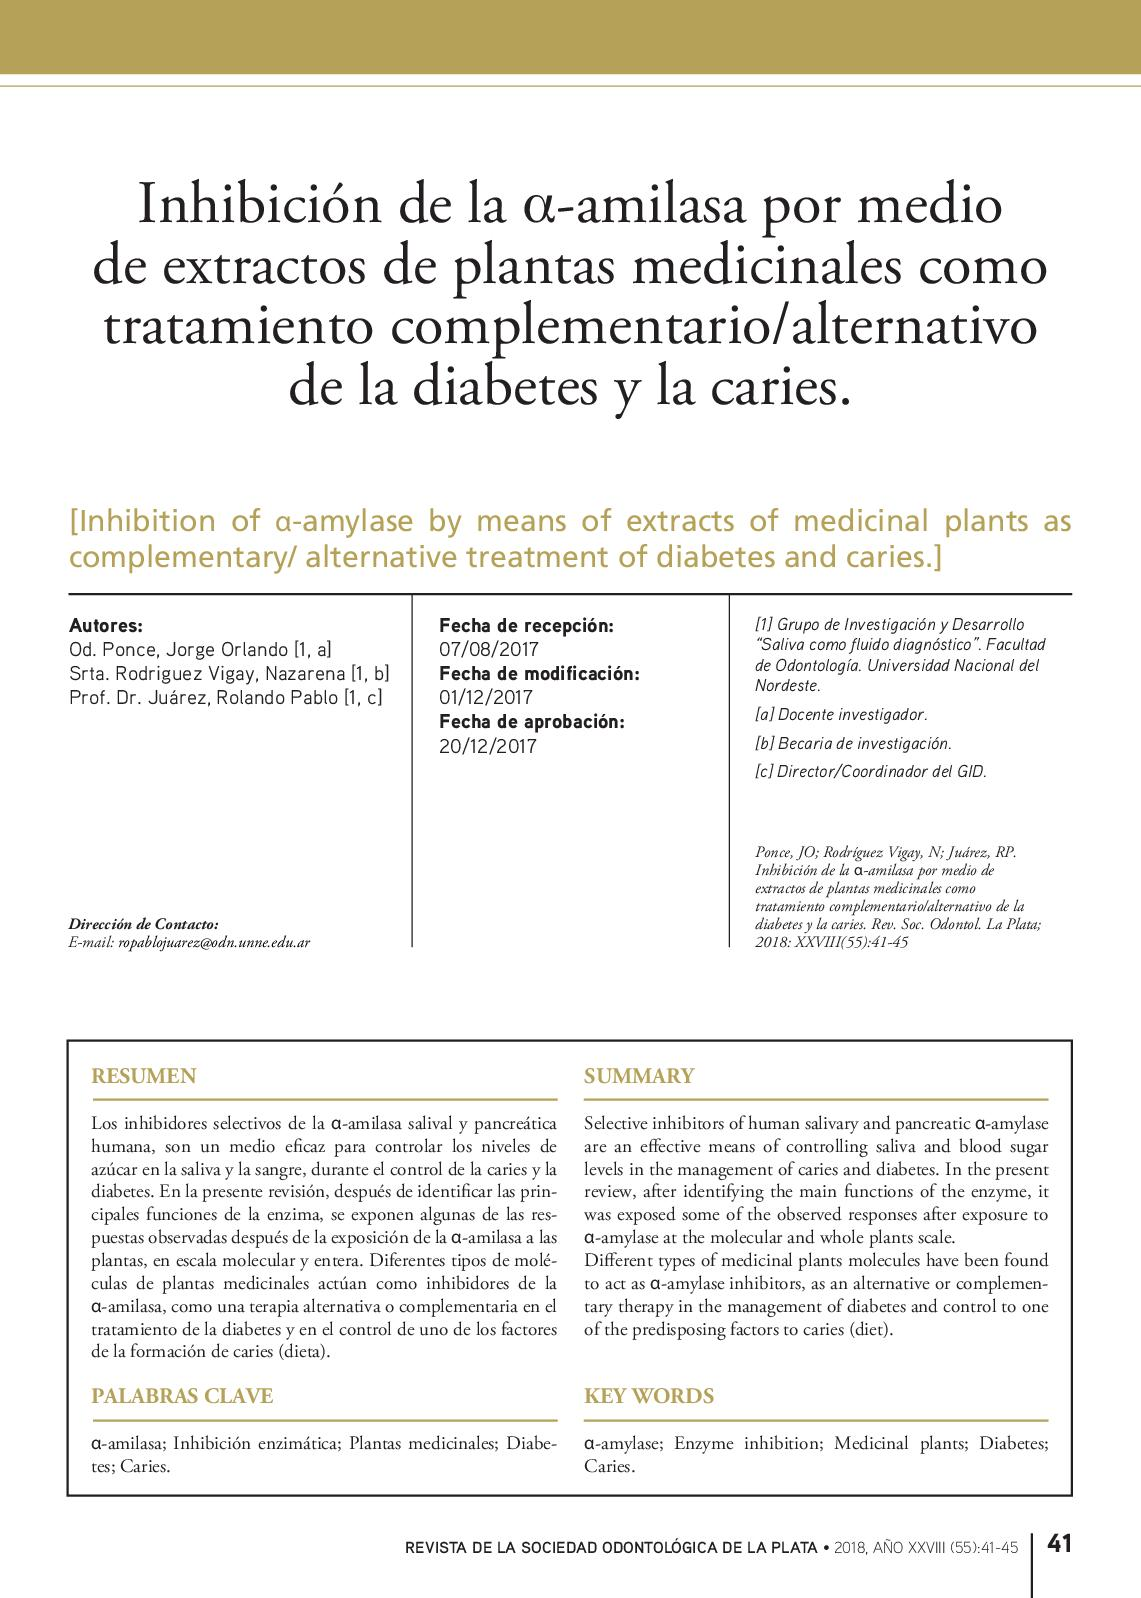 una revisión sobre medicamentos a base de hierbas hepatoprotectores para la diabetes